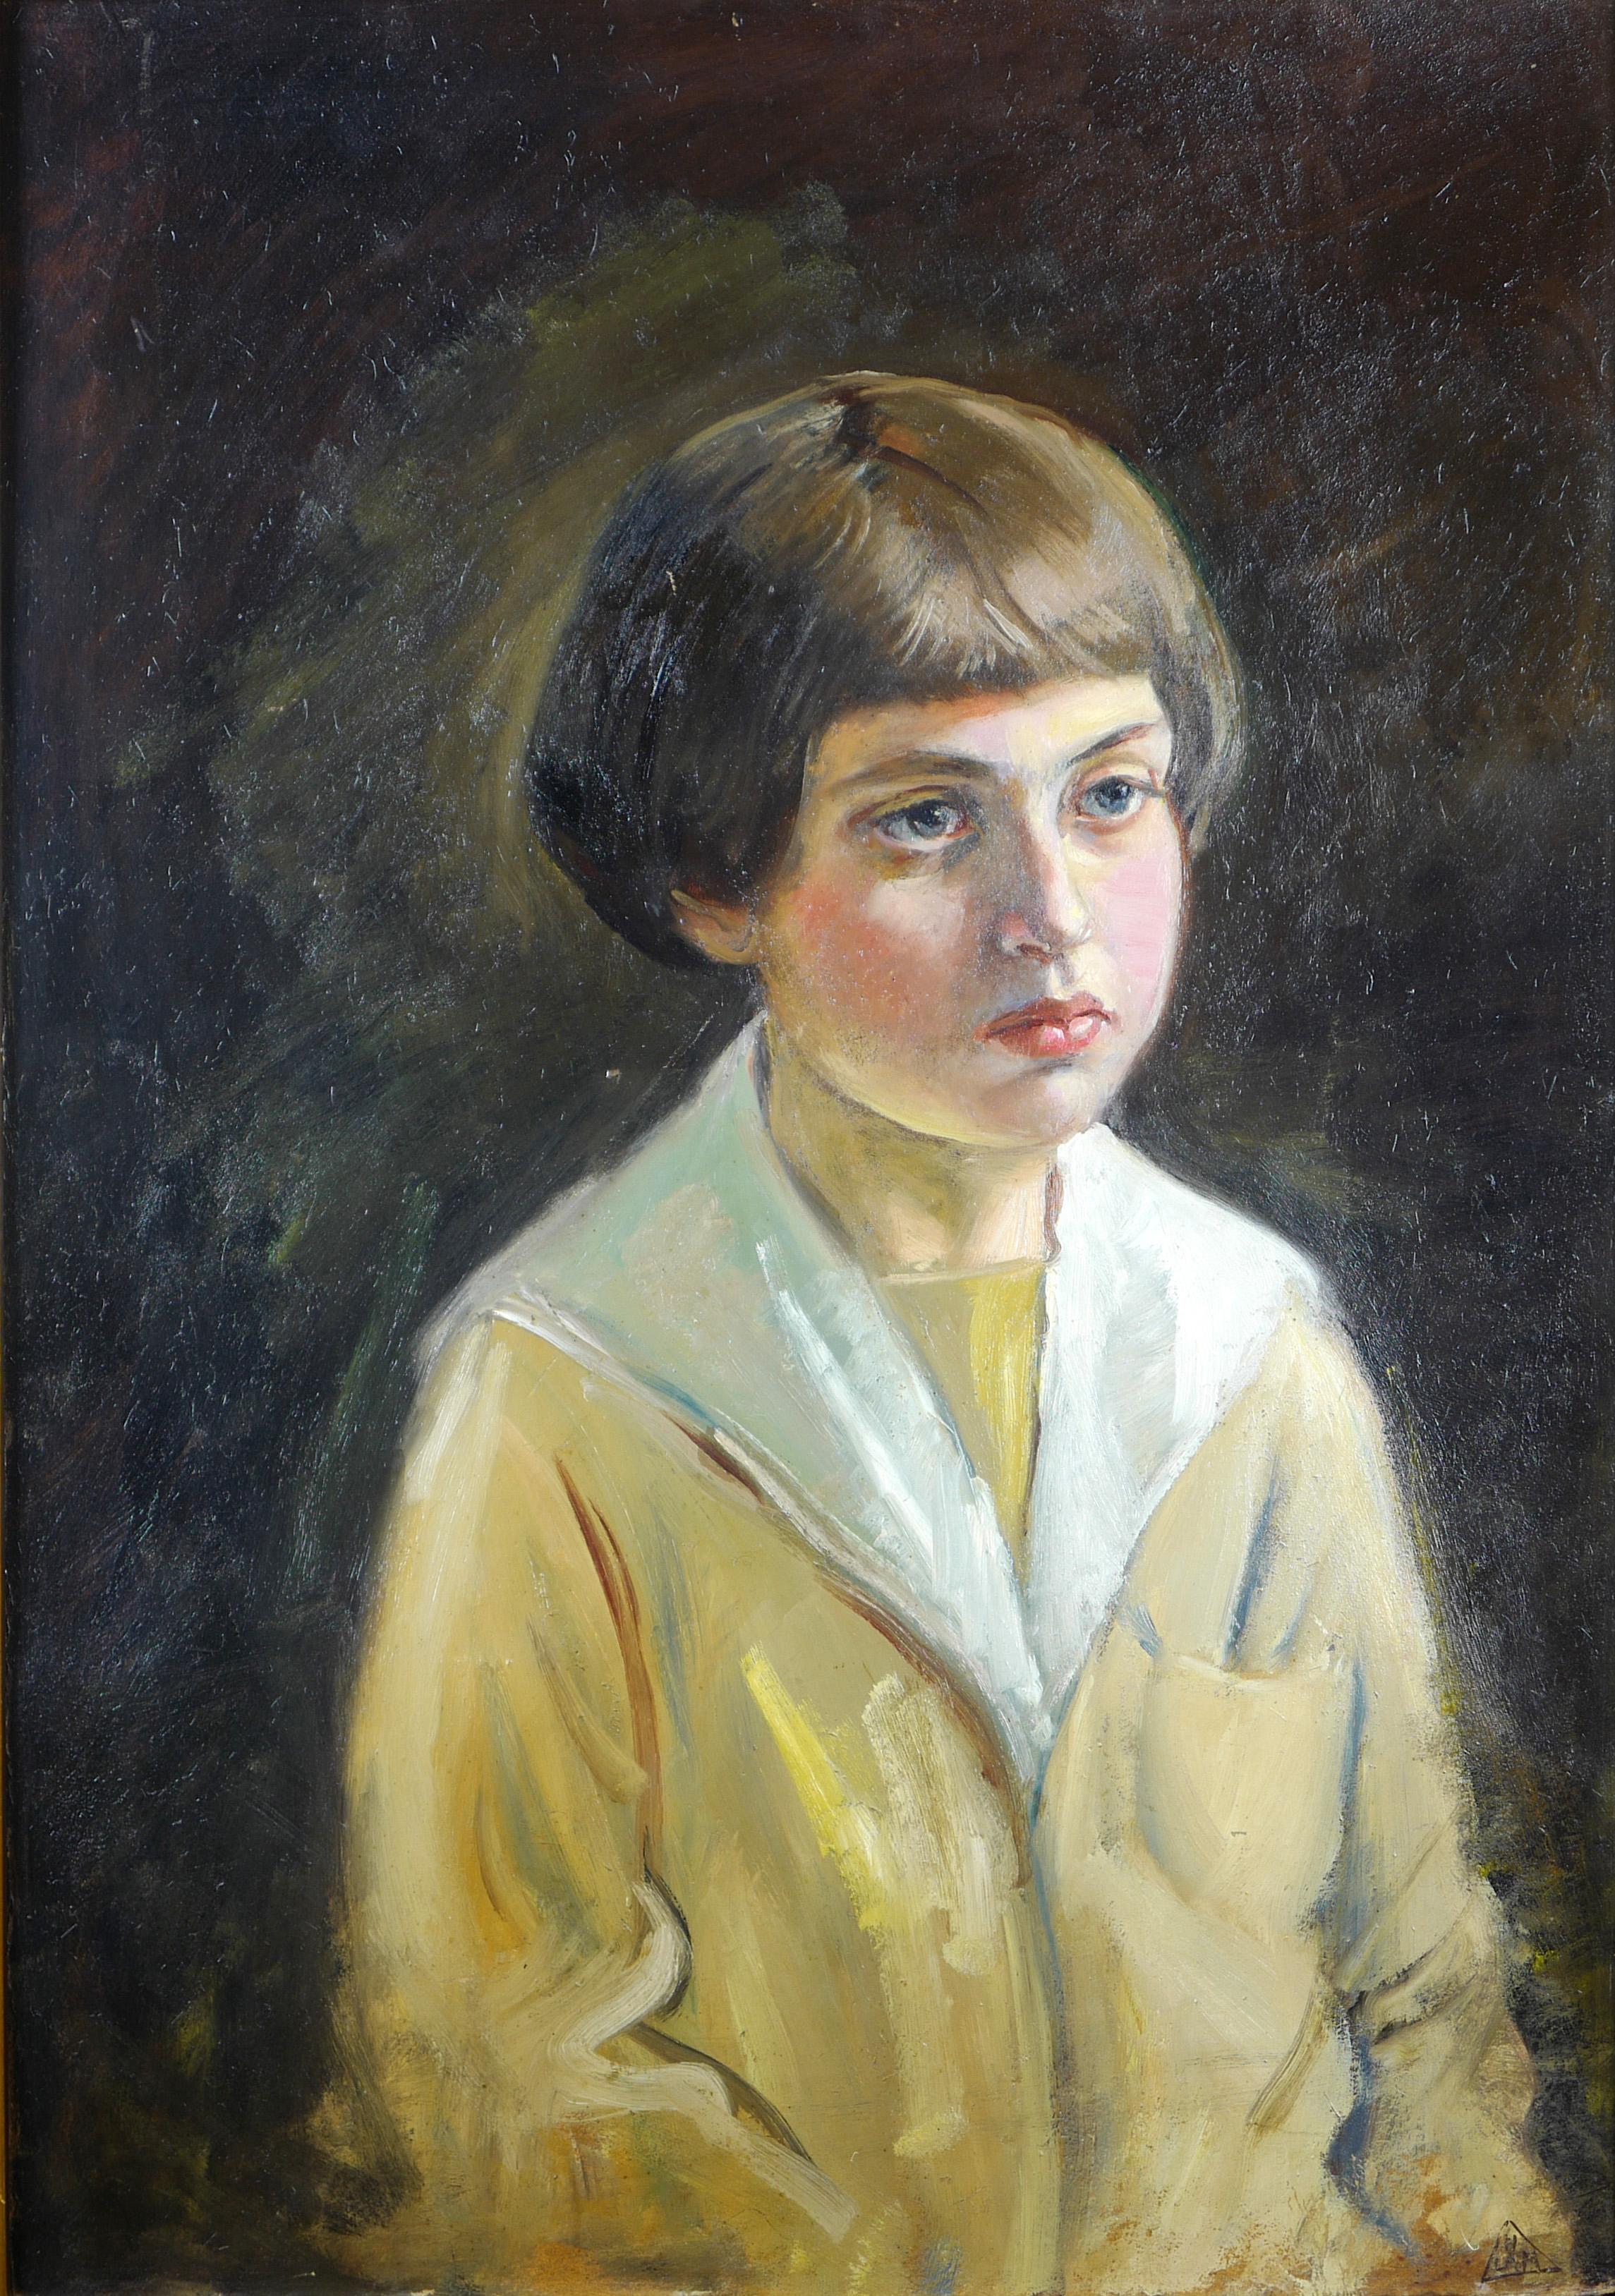 Portret chłopca, ok 1930 r.